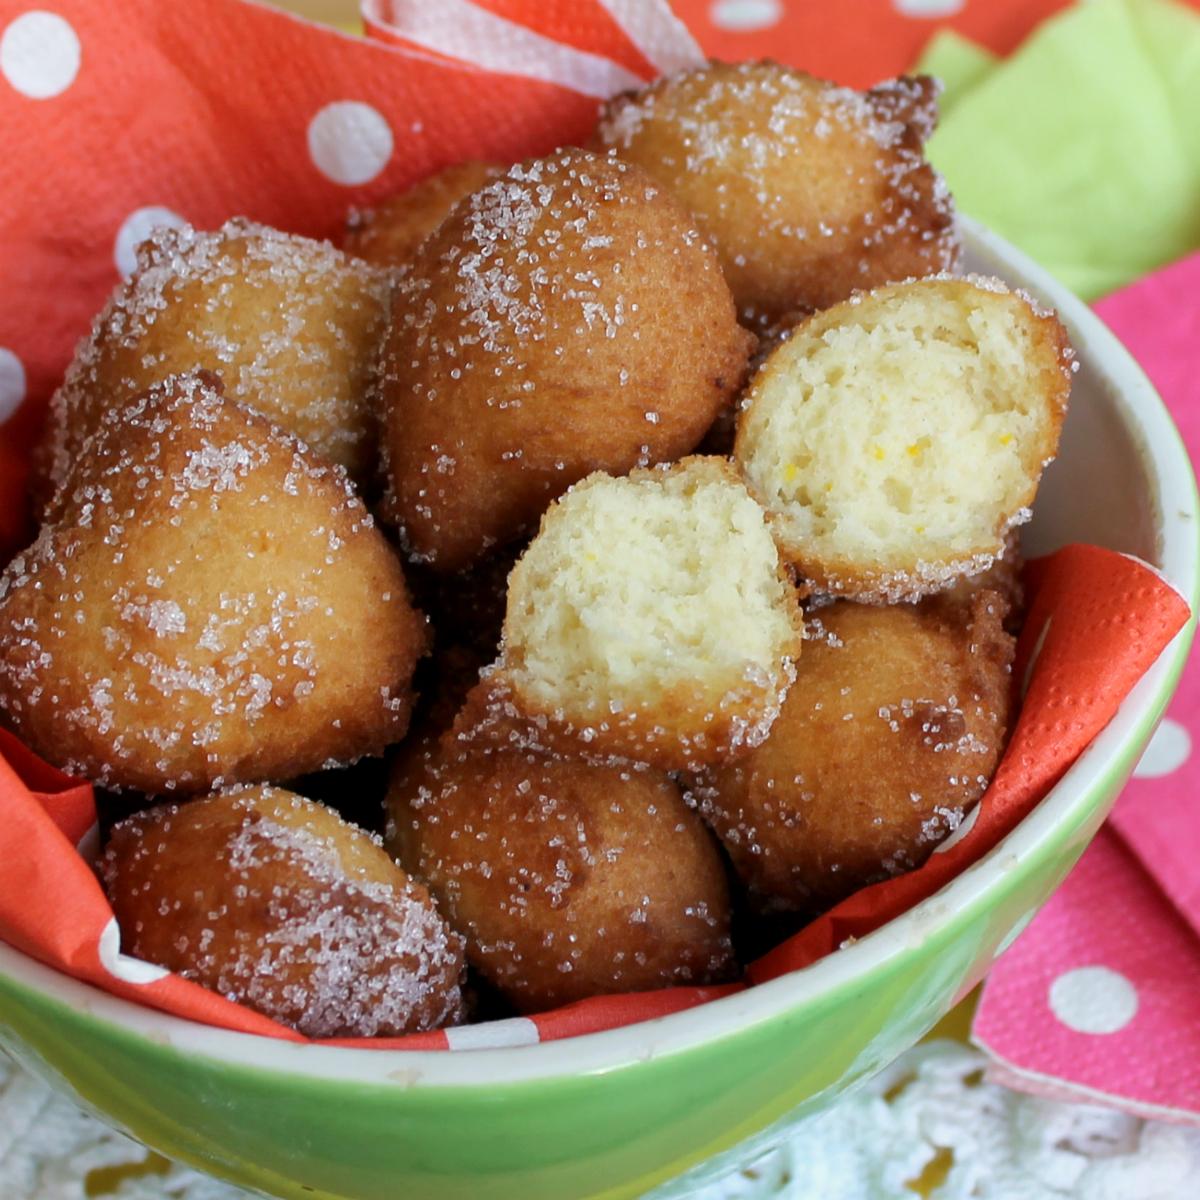 DOLCI DI CARNEVALE fritti tipici ricette 2015